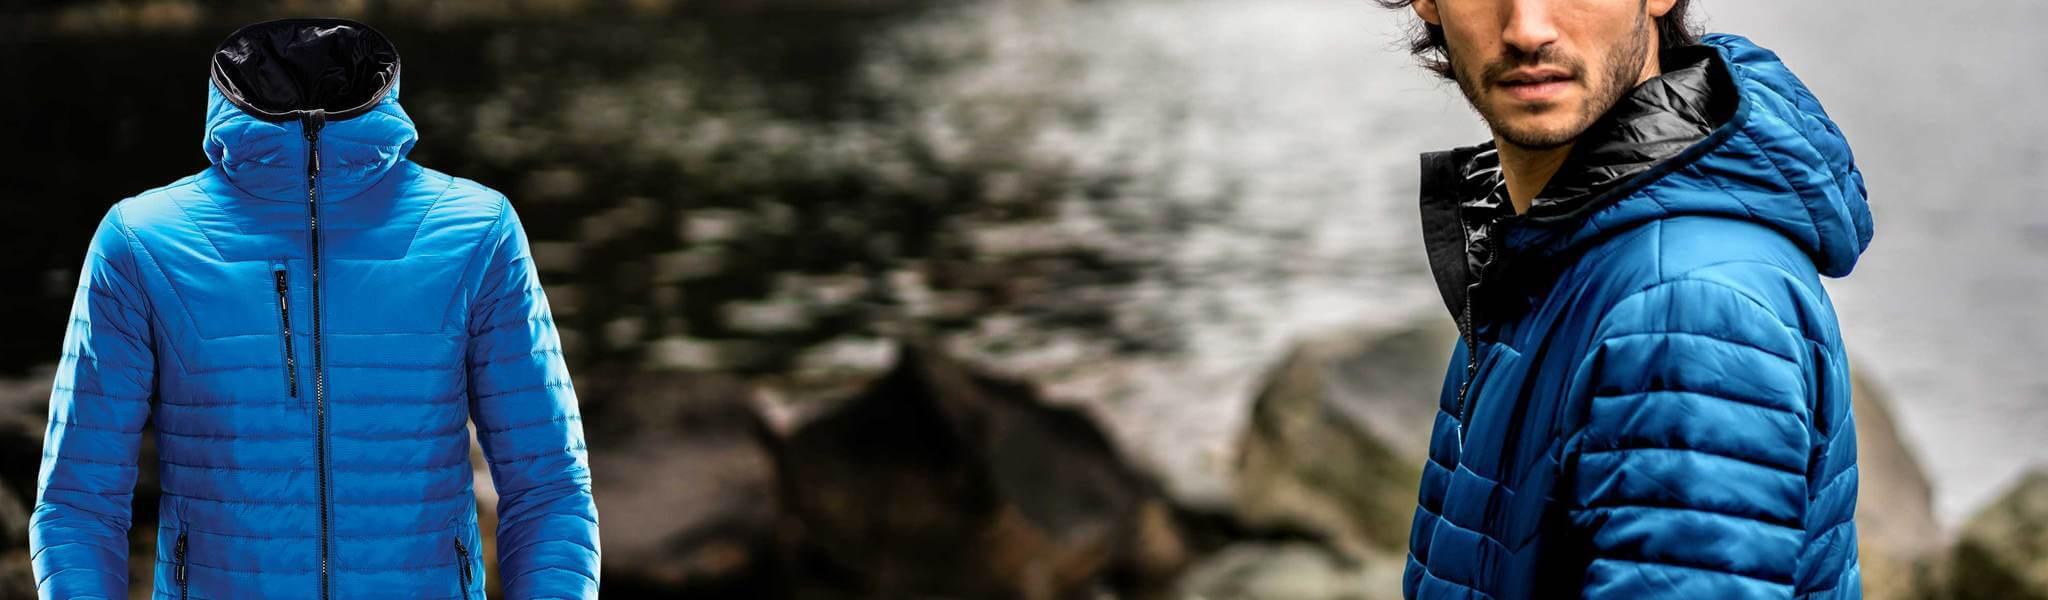 Stormtech River Jackets.jpg